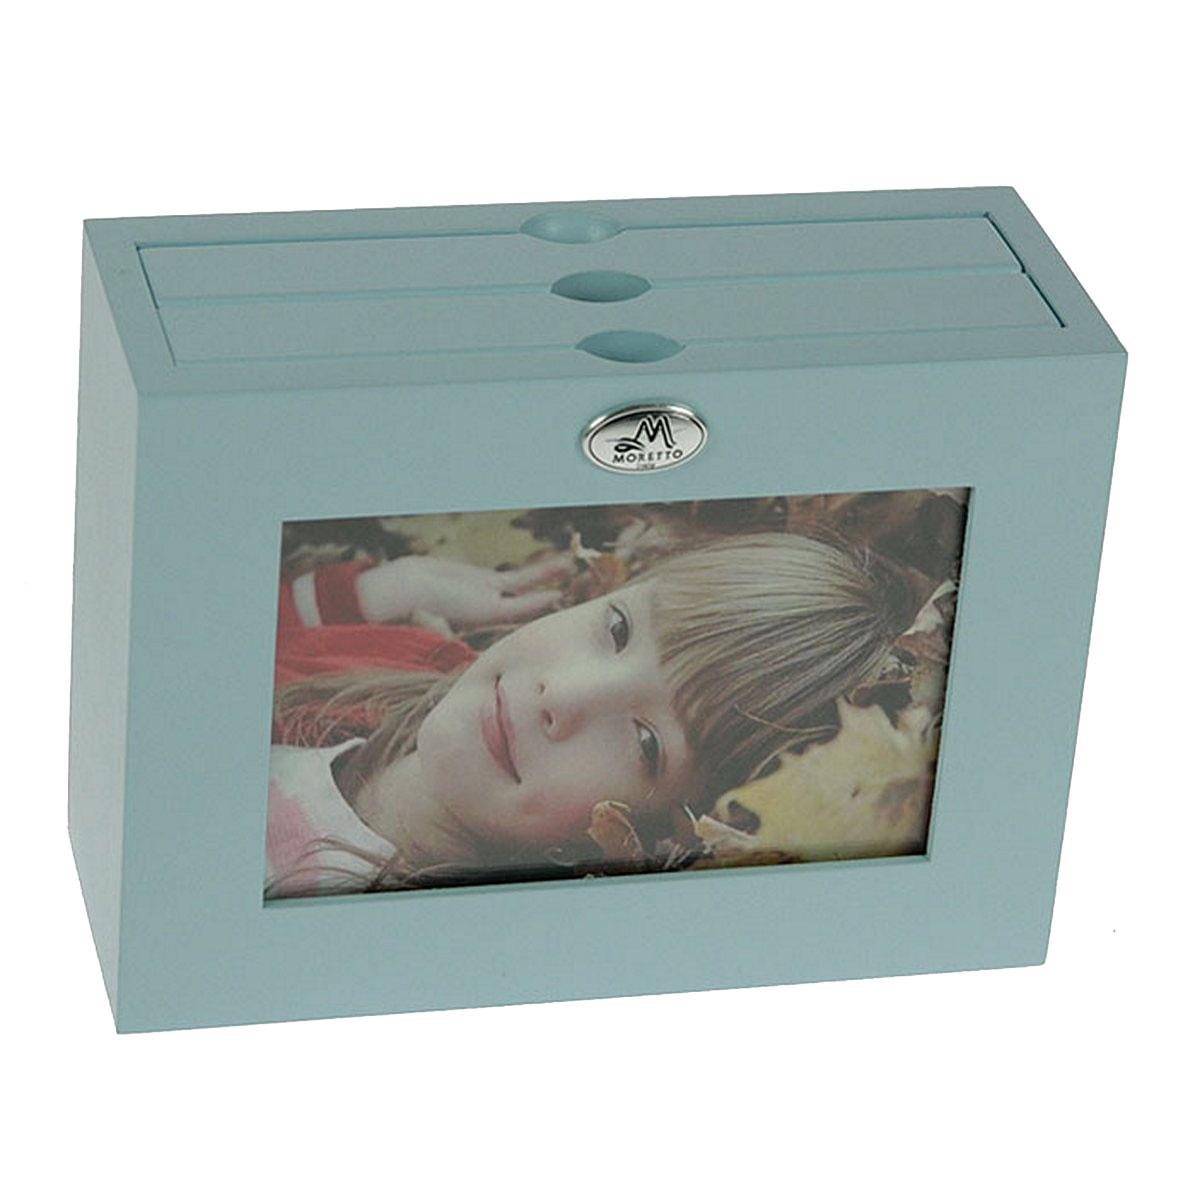 Архивный фотоальбом Moretto, на 48 фото, 10 x 15 см. 138004 фотоальбом platinum ландшафт 1 200 фотографий 10 х 15 см цвет зеленый голубой коричневый pp 46200s